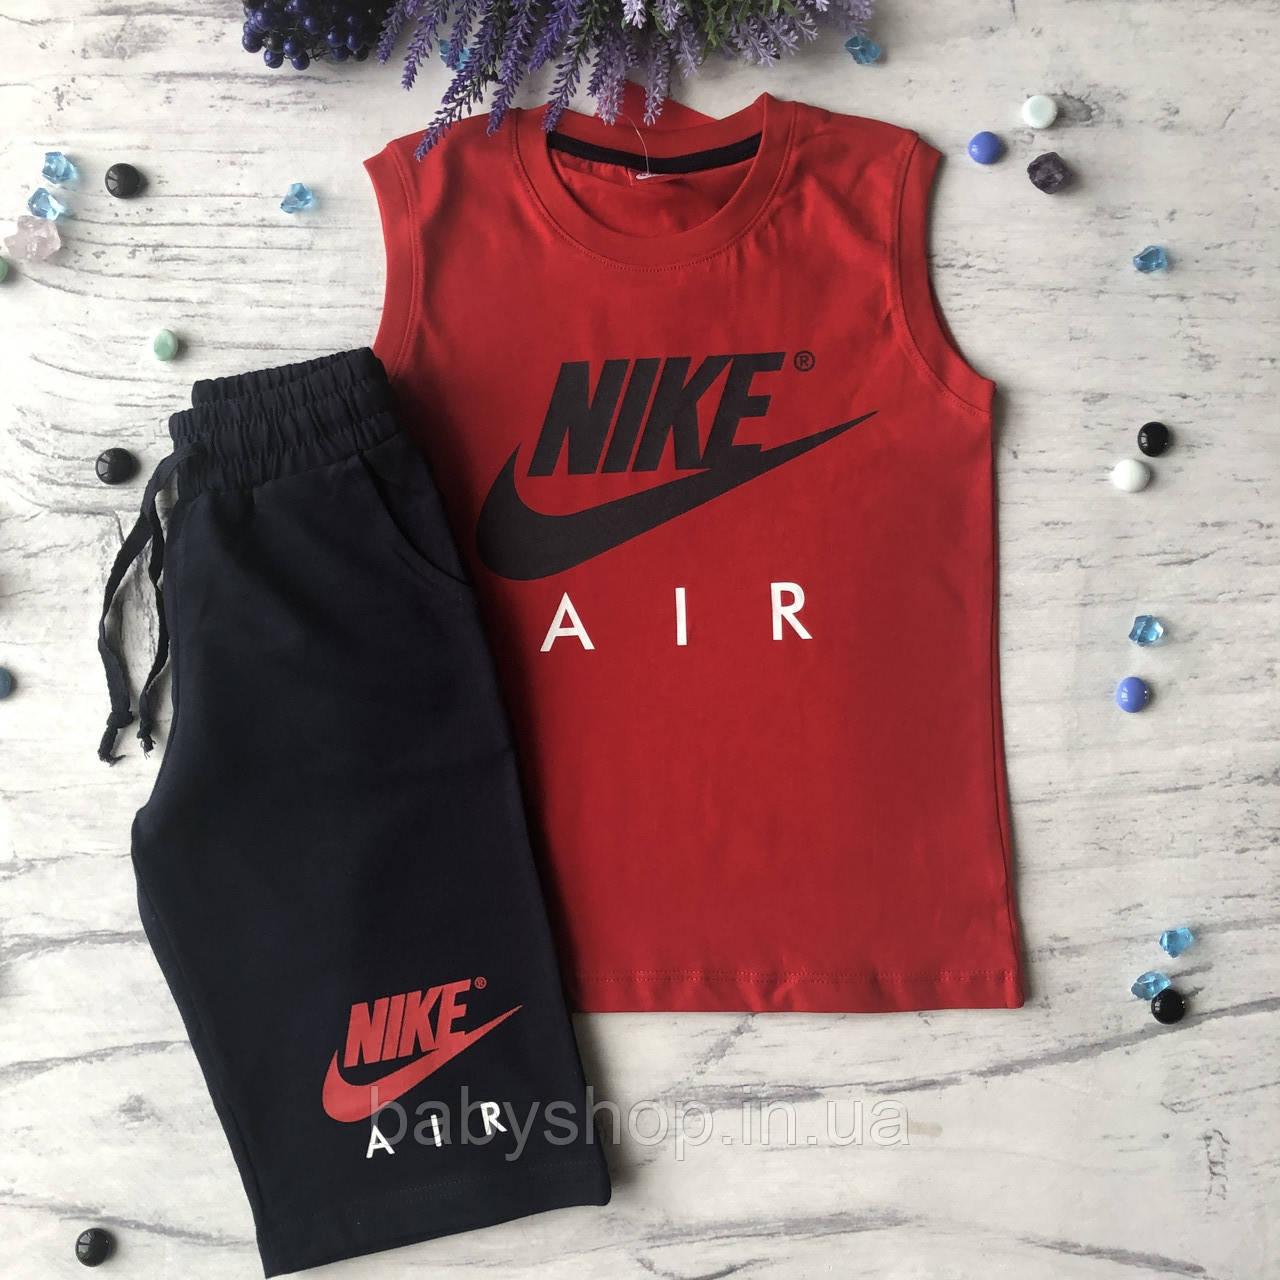 Летний костюм в стиле Nike на мальчика 9. Размер 128 см, 134 см, 140 см